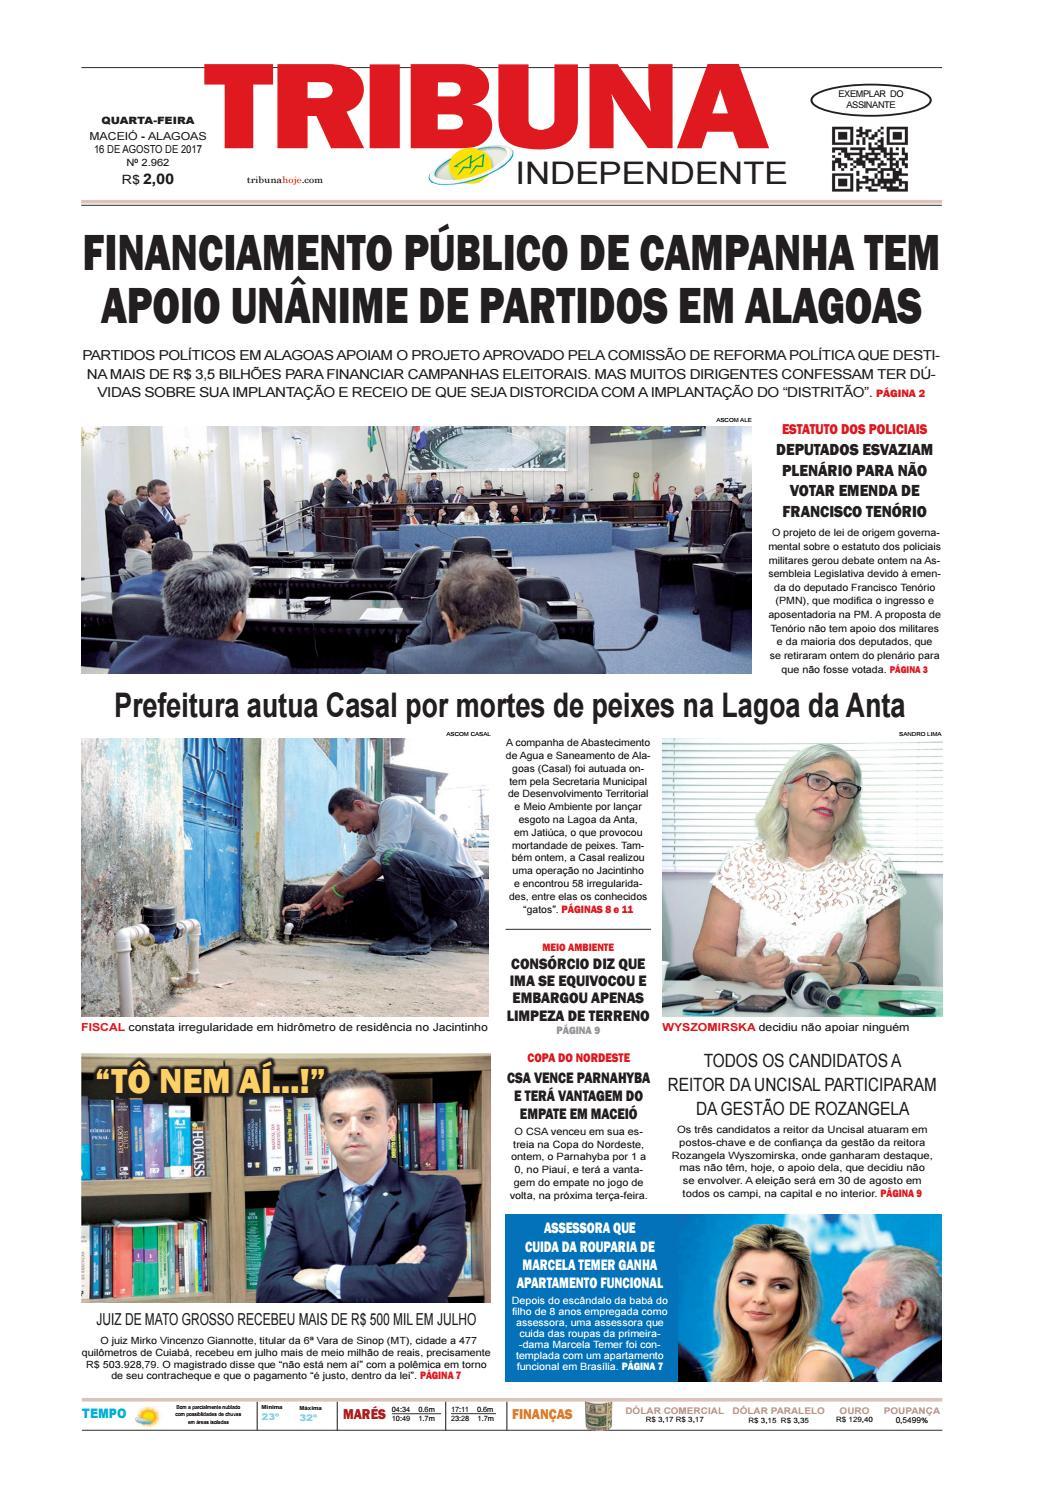 110906b76 Edição número 2962 - 16 de agosto de 2017 by Tribuna Hoje - issuu